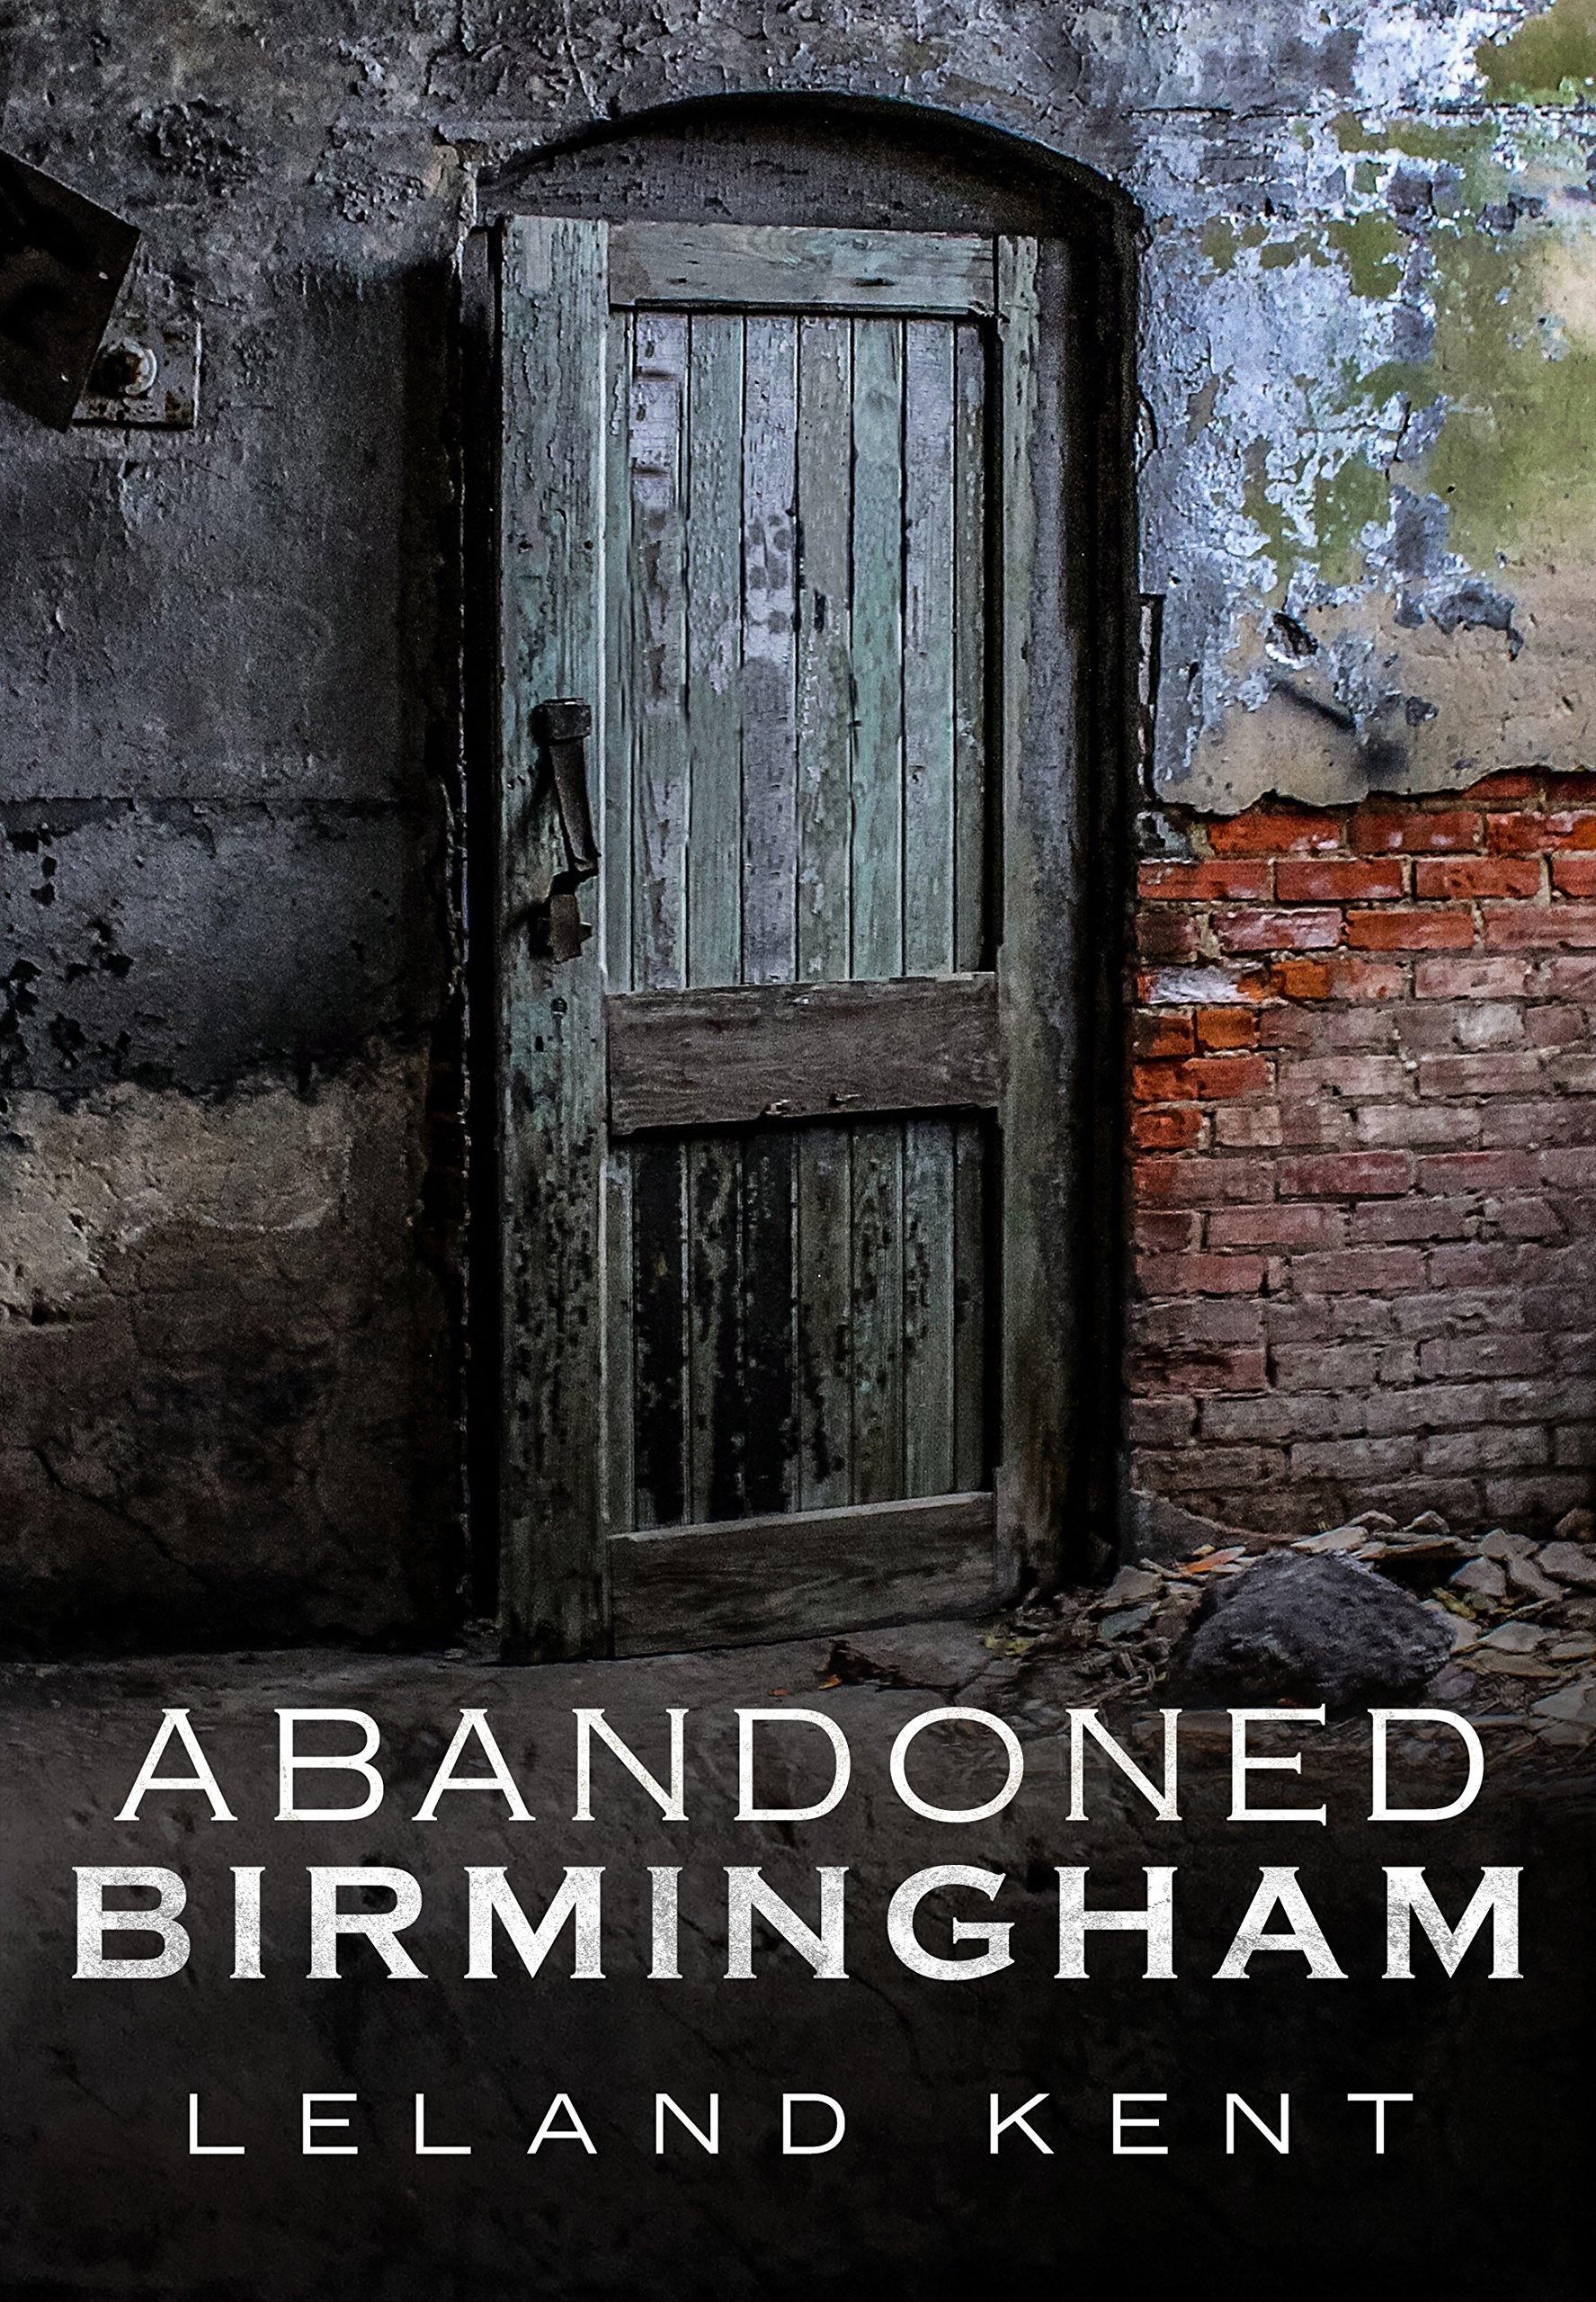 Image result for abandoned birmingham leland kent